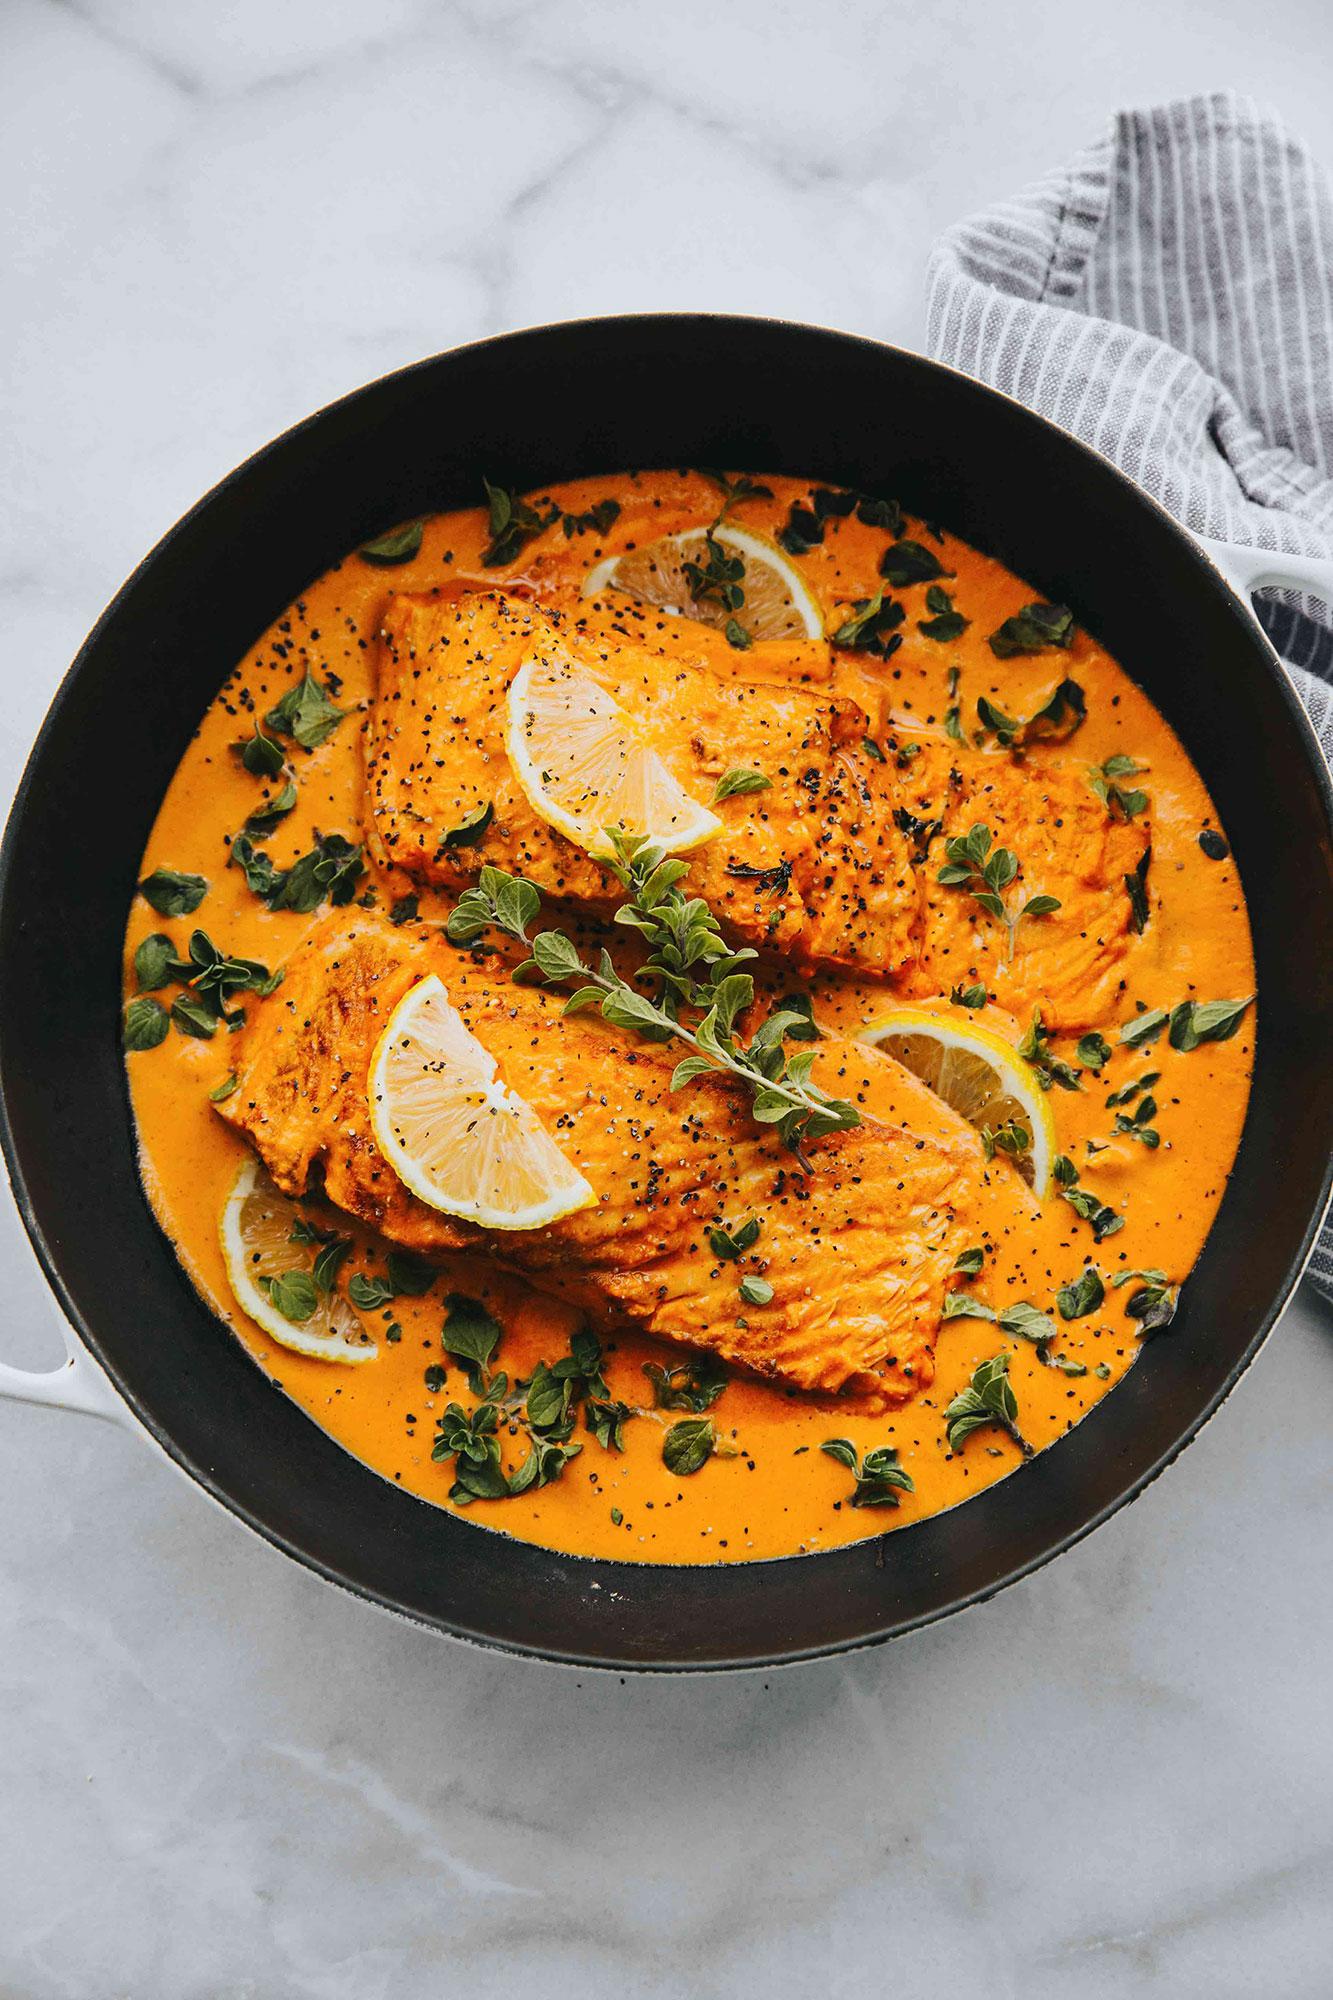 Healthy homemade dinner of baked salmon